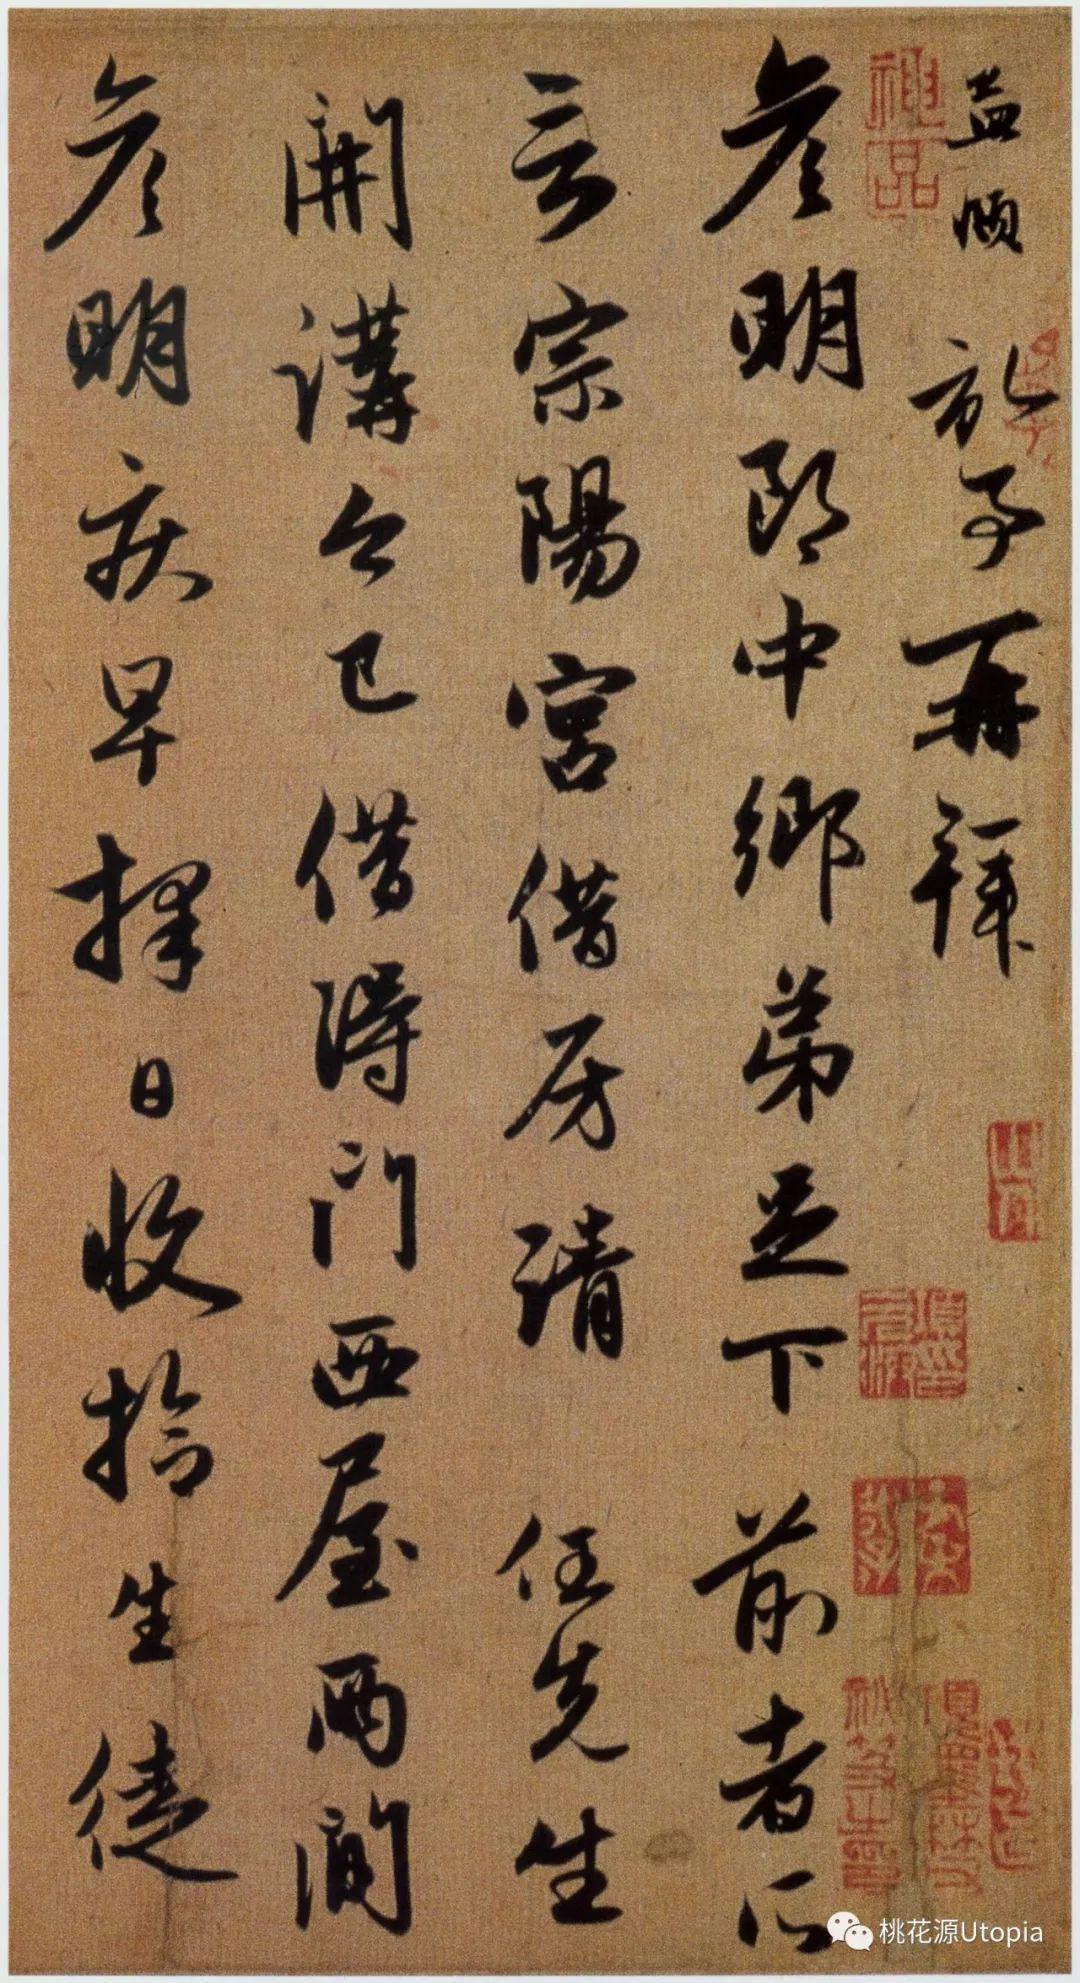 赵孟頫书法的继承和仿效者